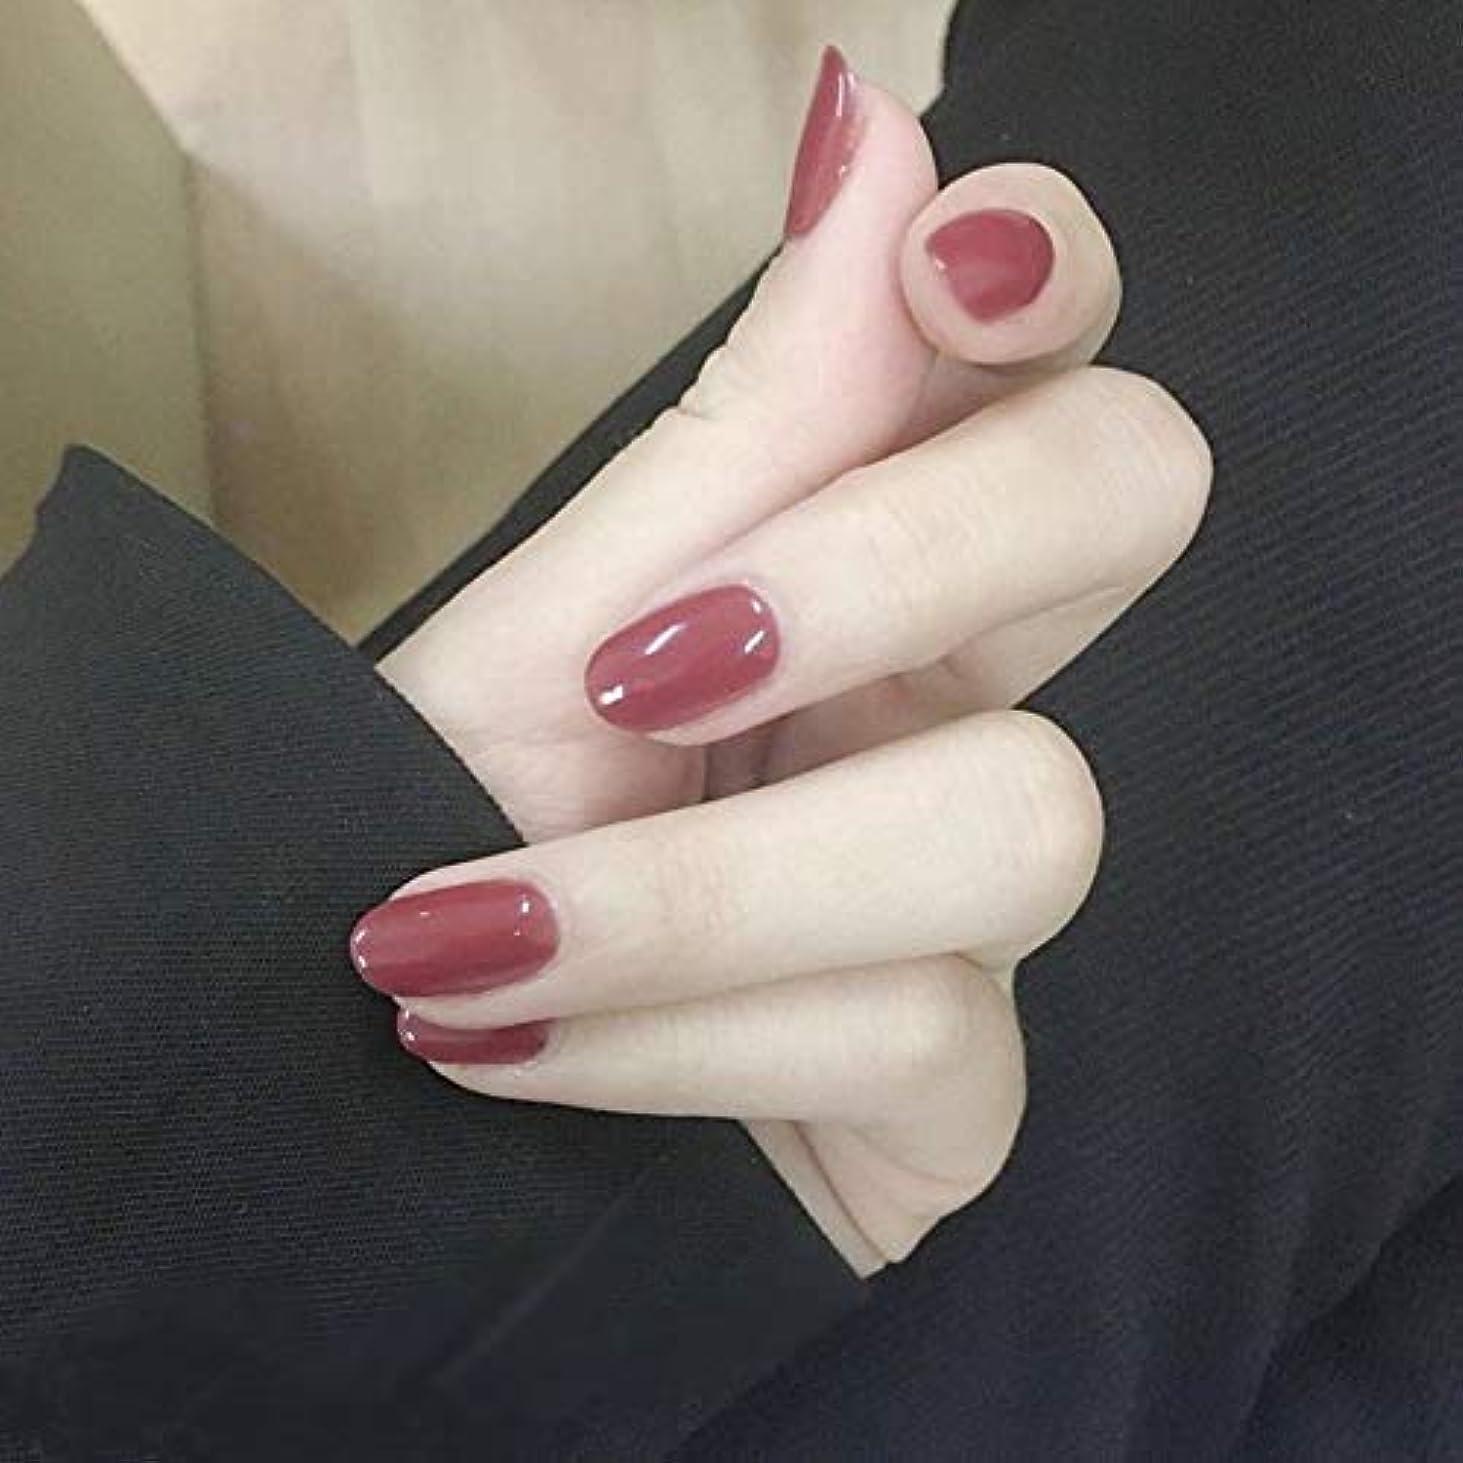 揮発性すすり泣き望みXUTXZKA オフィスの家のための24Pcs偽の釘のピンクのローズの楕円形の人工的な釘の先端のステッカー